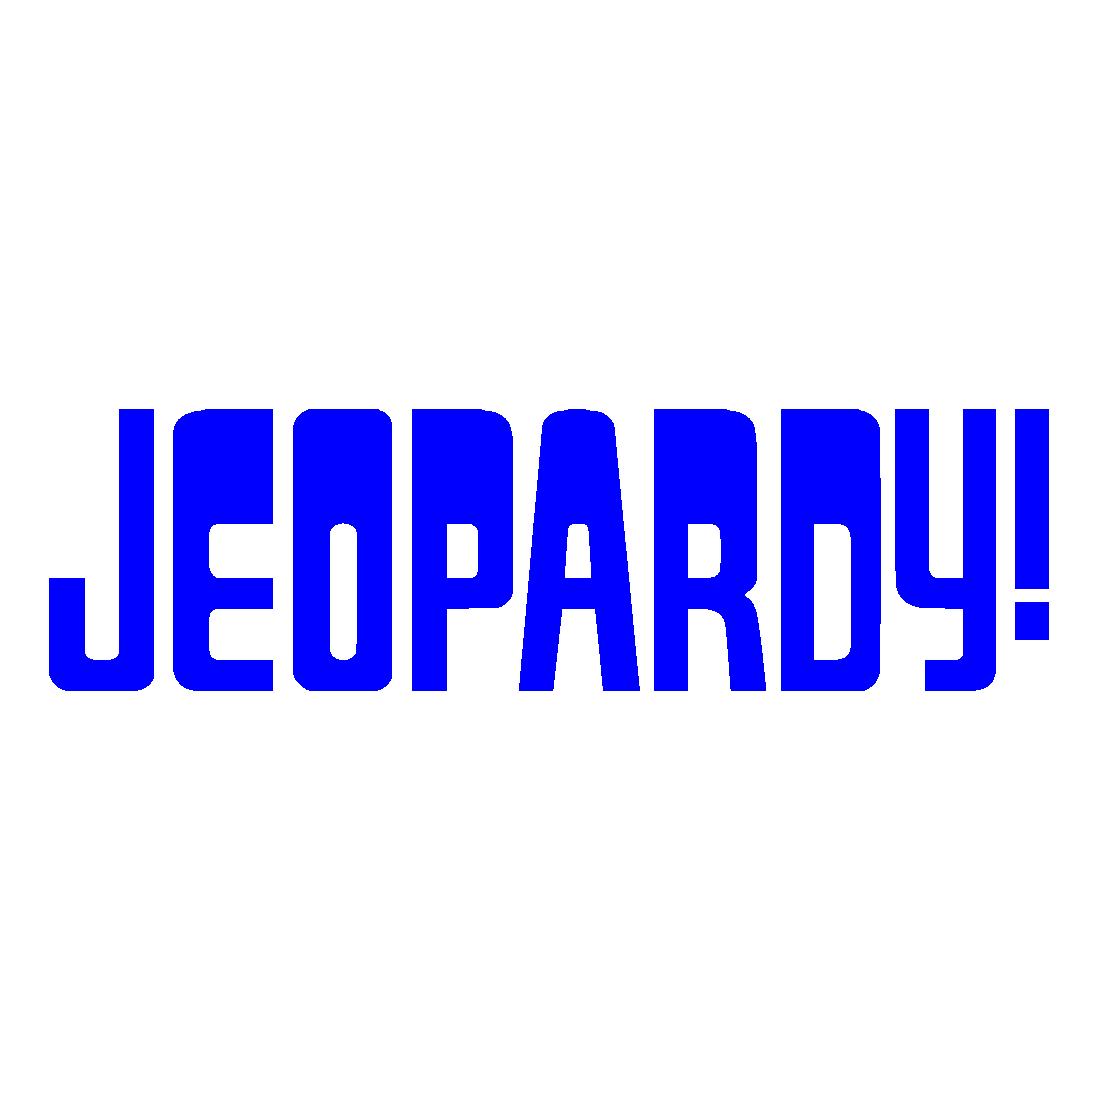 jeopardy logo styles game shows wiki fandom powered by wikia